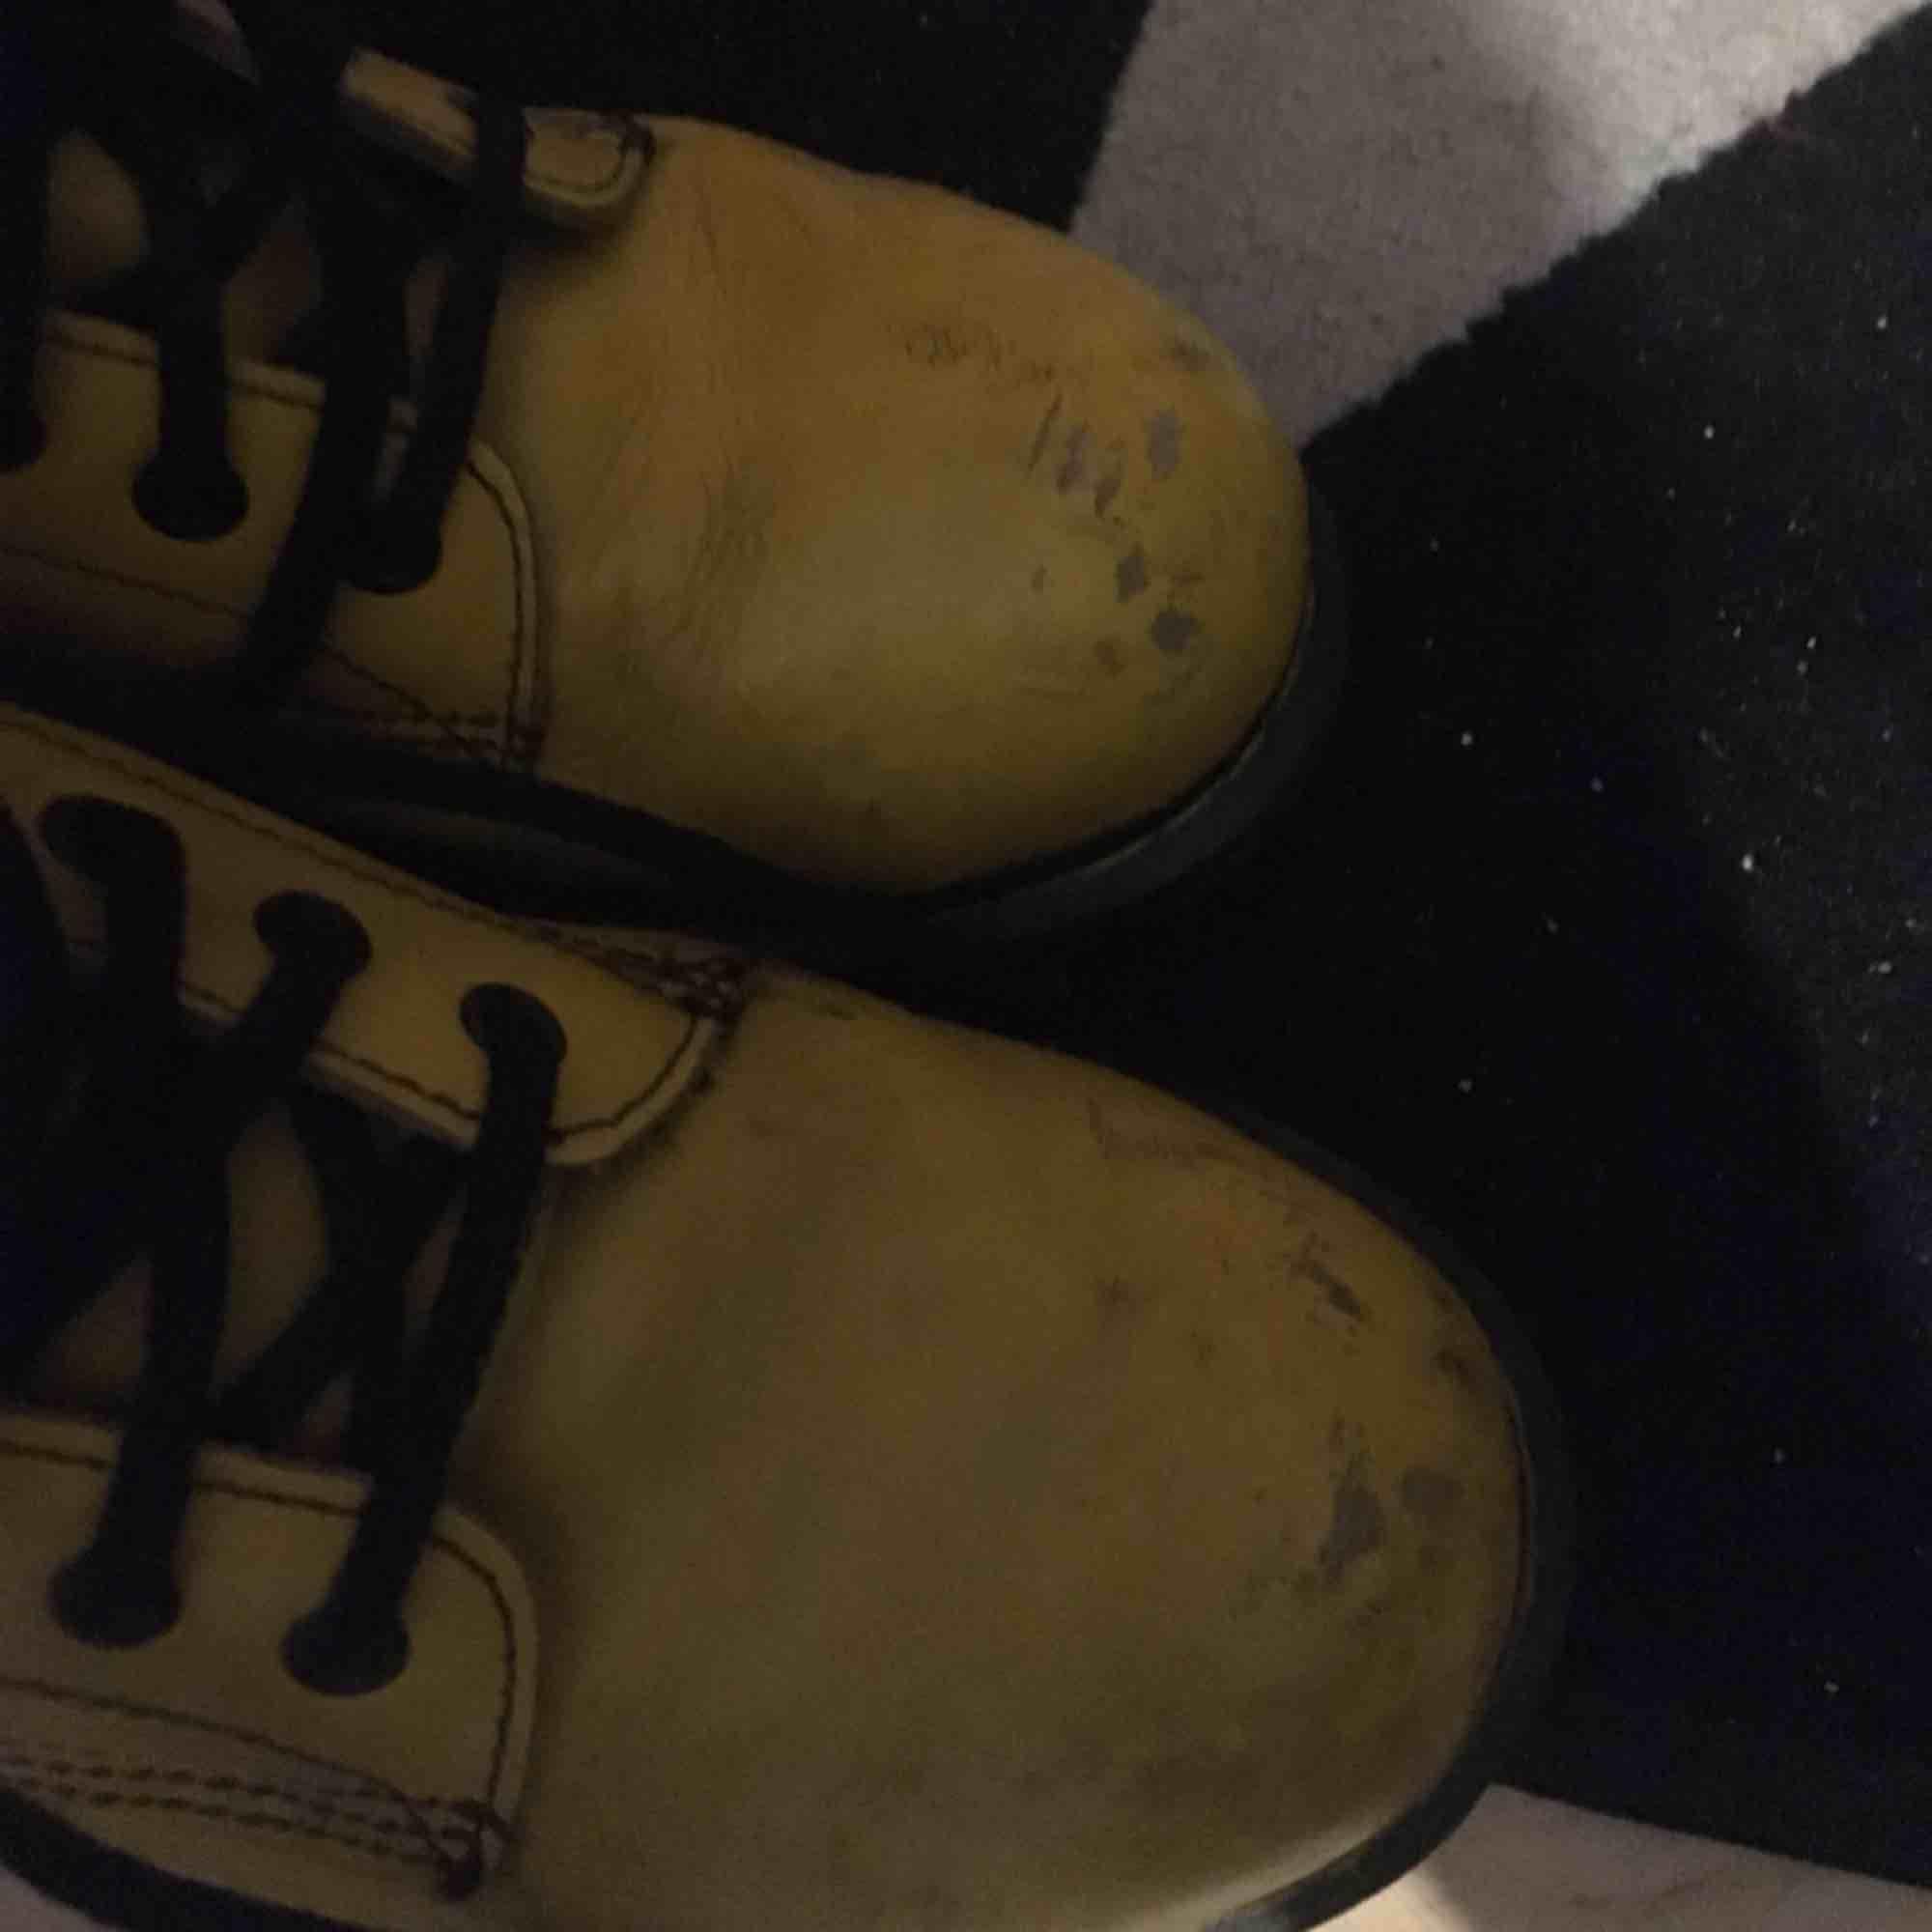 Äkta gula dr martens kängor i storlek 38. Små slitna på tårna men de hör till tycker jag. . Skor.